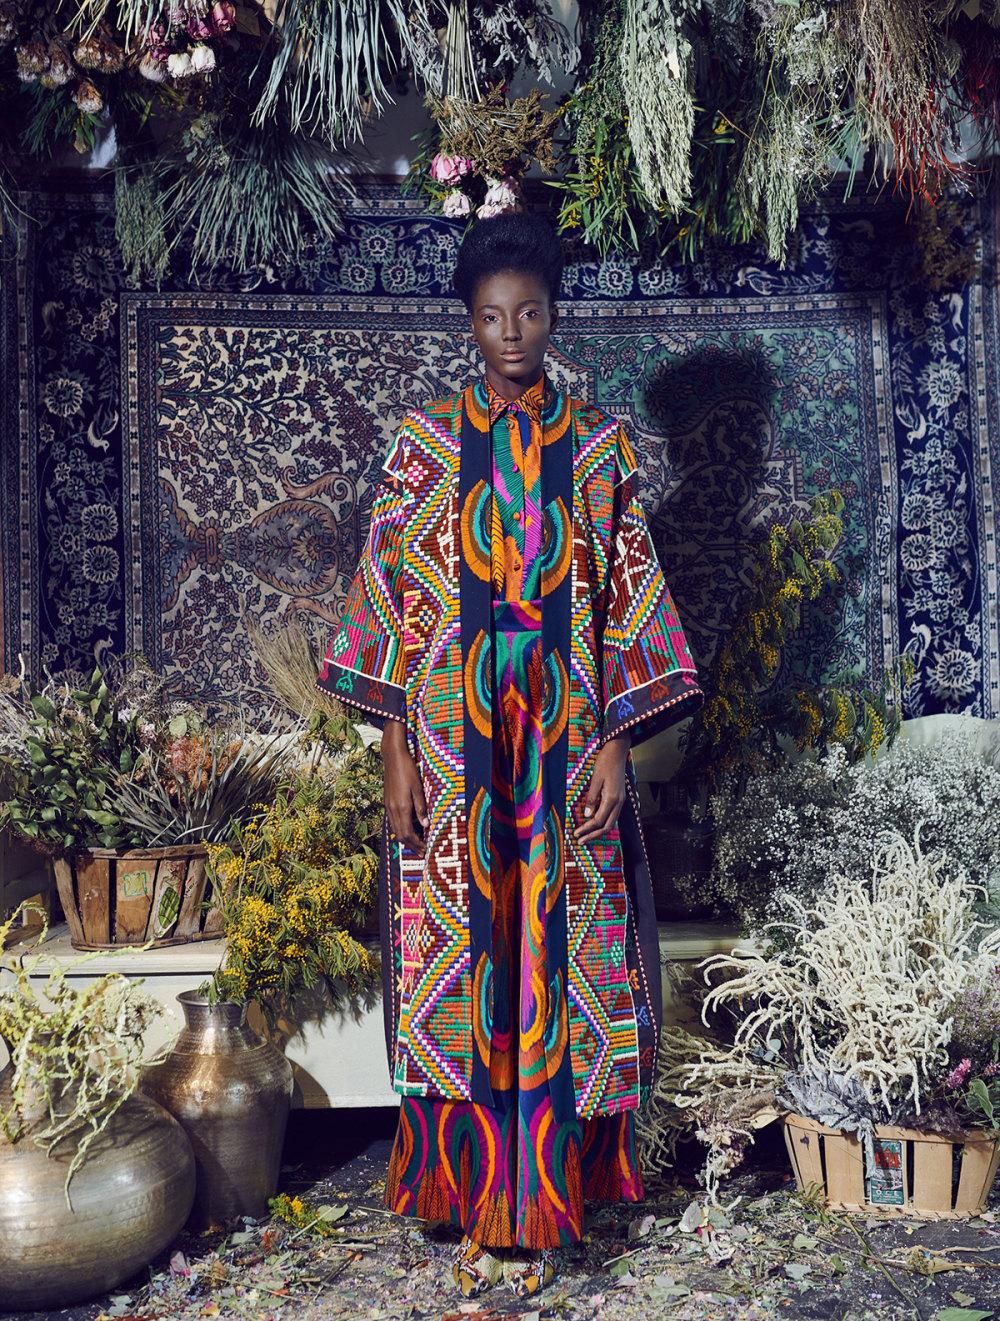 Rianna+Nina时装系列定制的夹克和金属光泽的七分裤定义未来主义-3.jpg